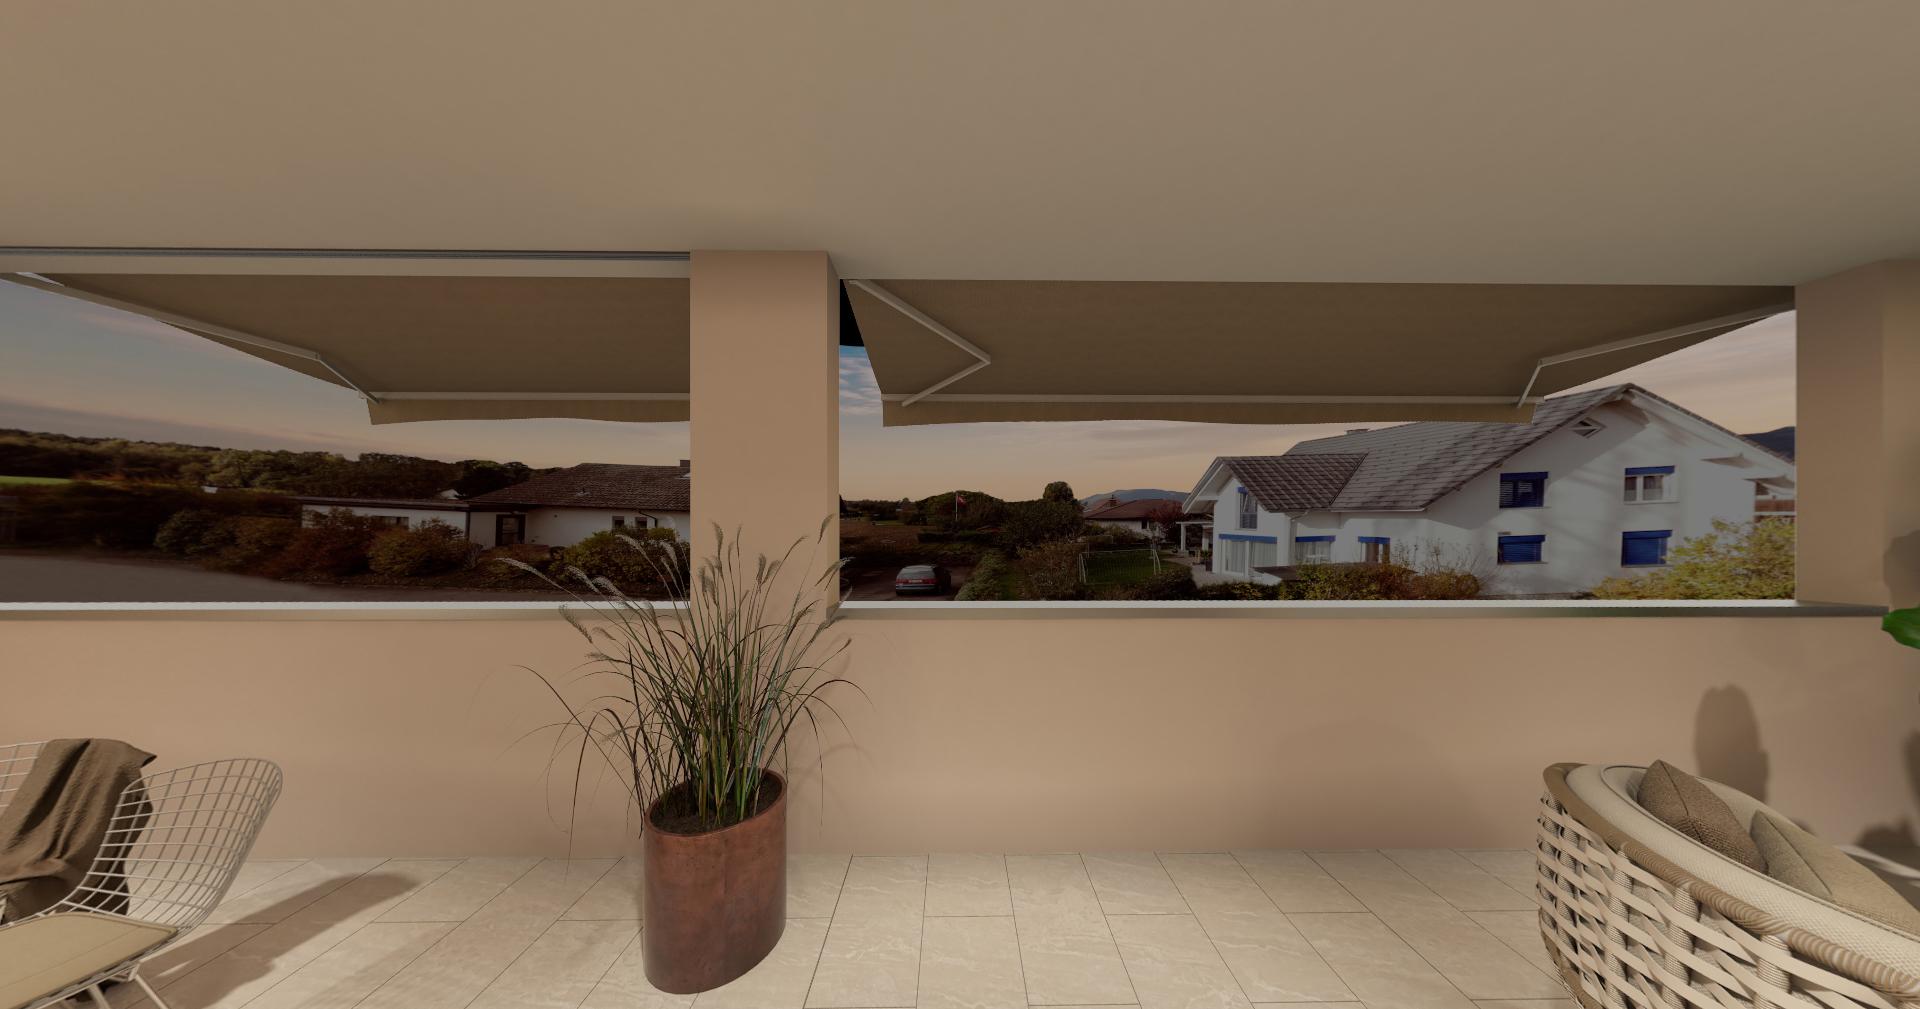 westfield_mehrfamilienhaus_haerkingen_balkon_4.5_zimmer_wohnung_4.jpg